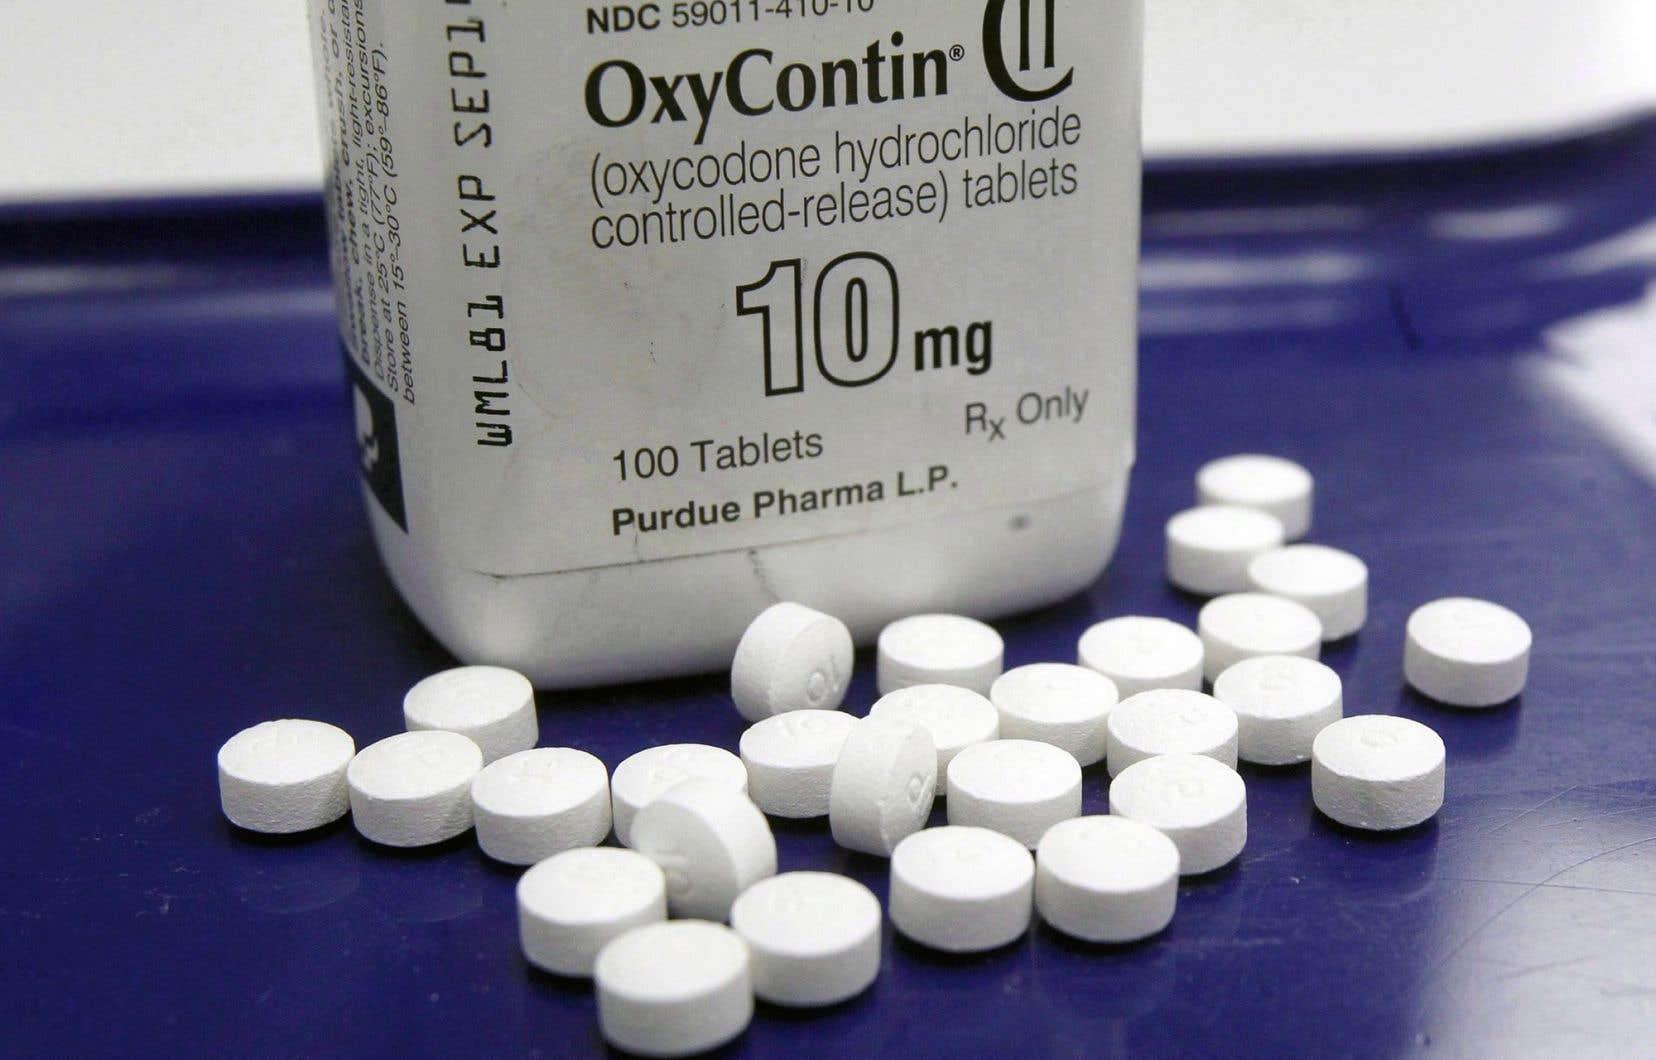 Début mai, Purdue Pharma, la pharmaceutique américaine qui fabriquait l'OxyContin, a accepté une entente à l'amiable qui prévoit qu'elle versera 20 millions de dollars à des milliers de Canadiens.